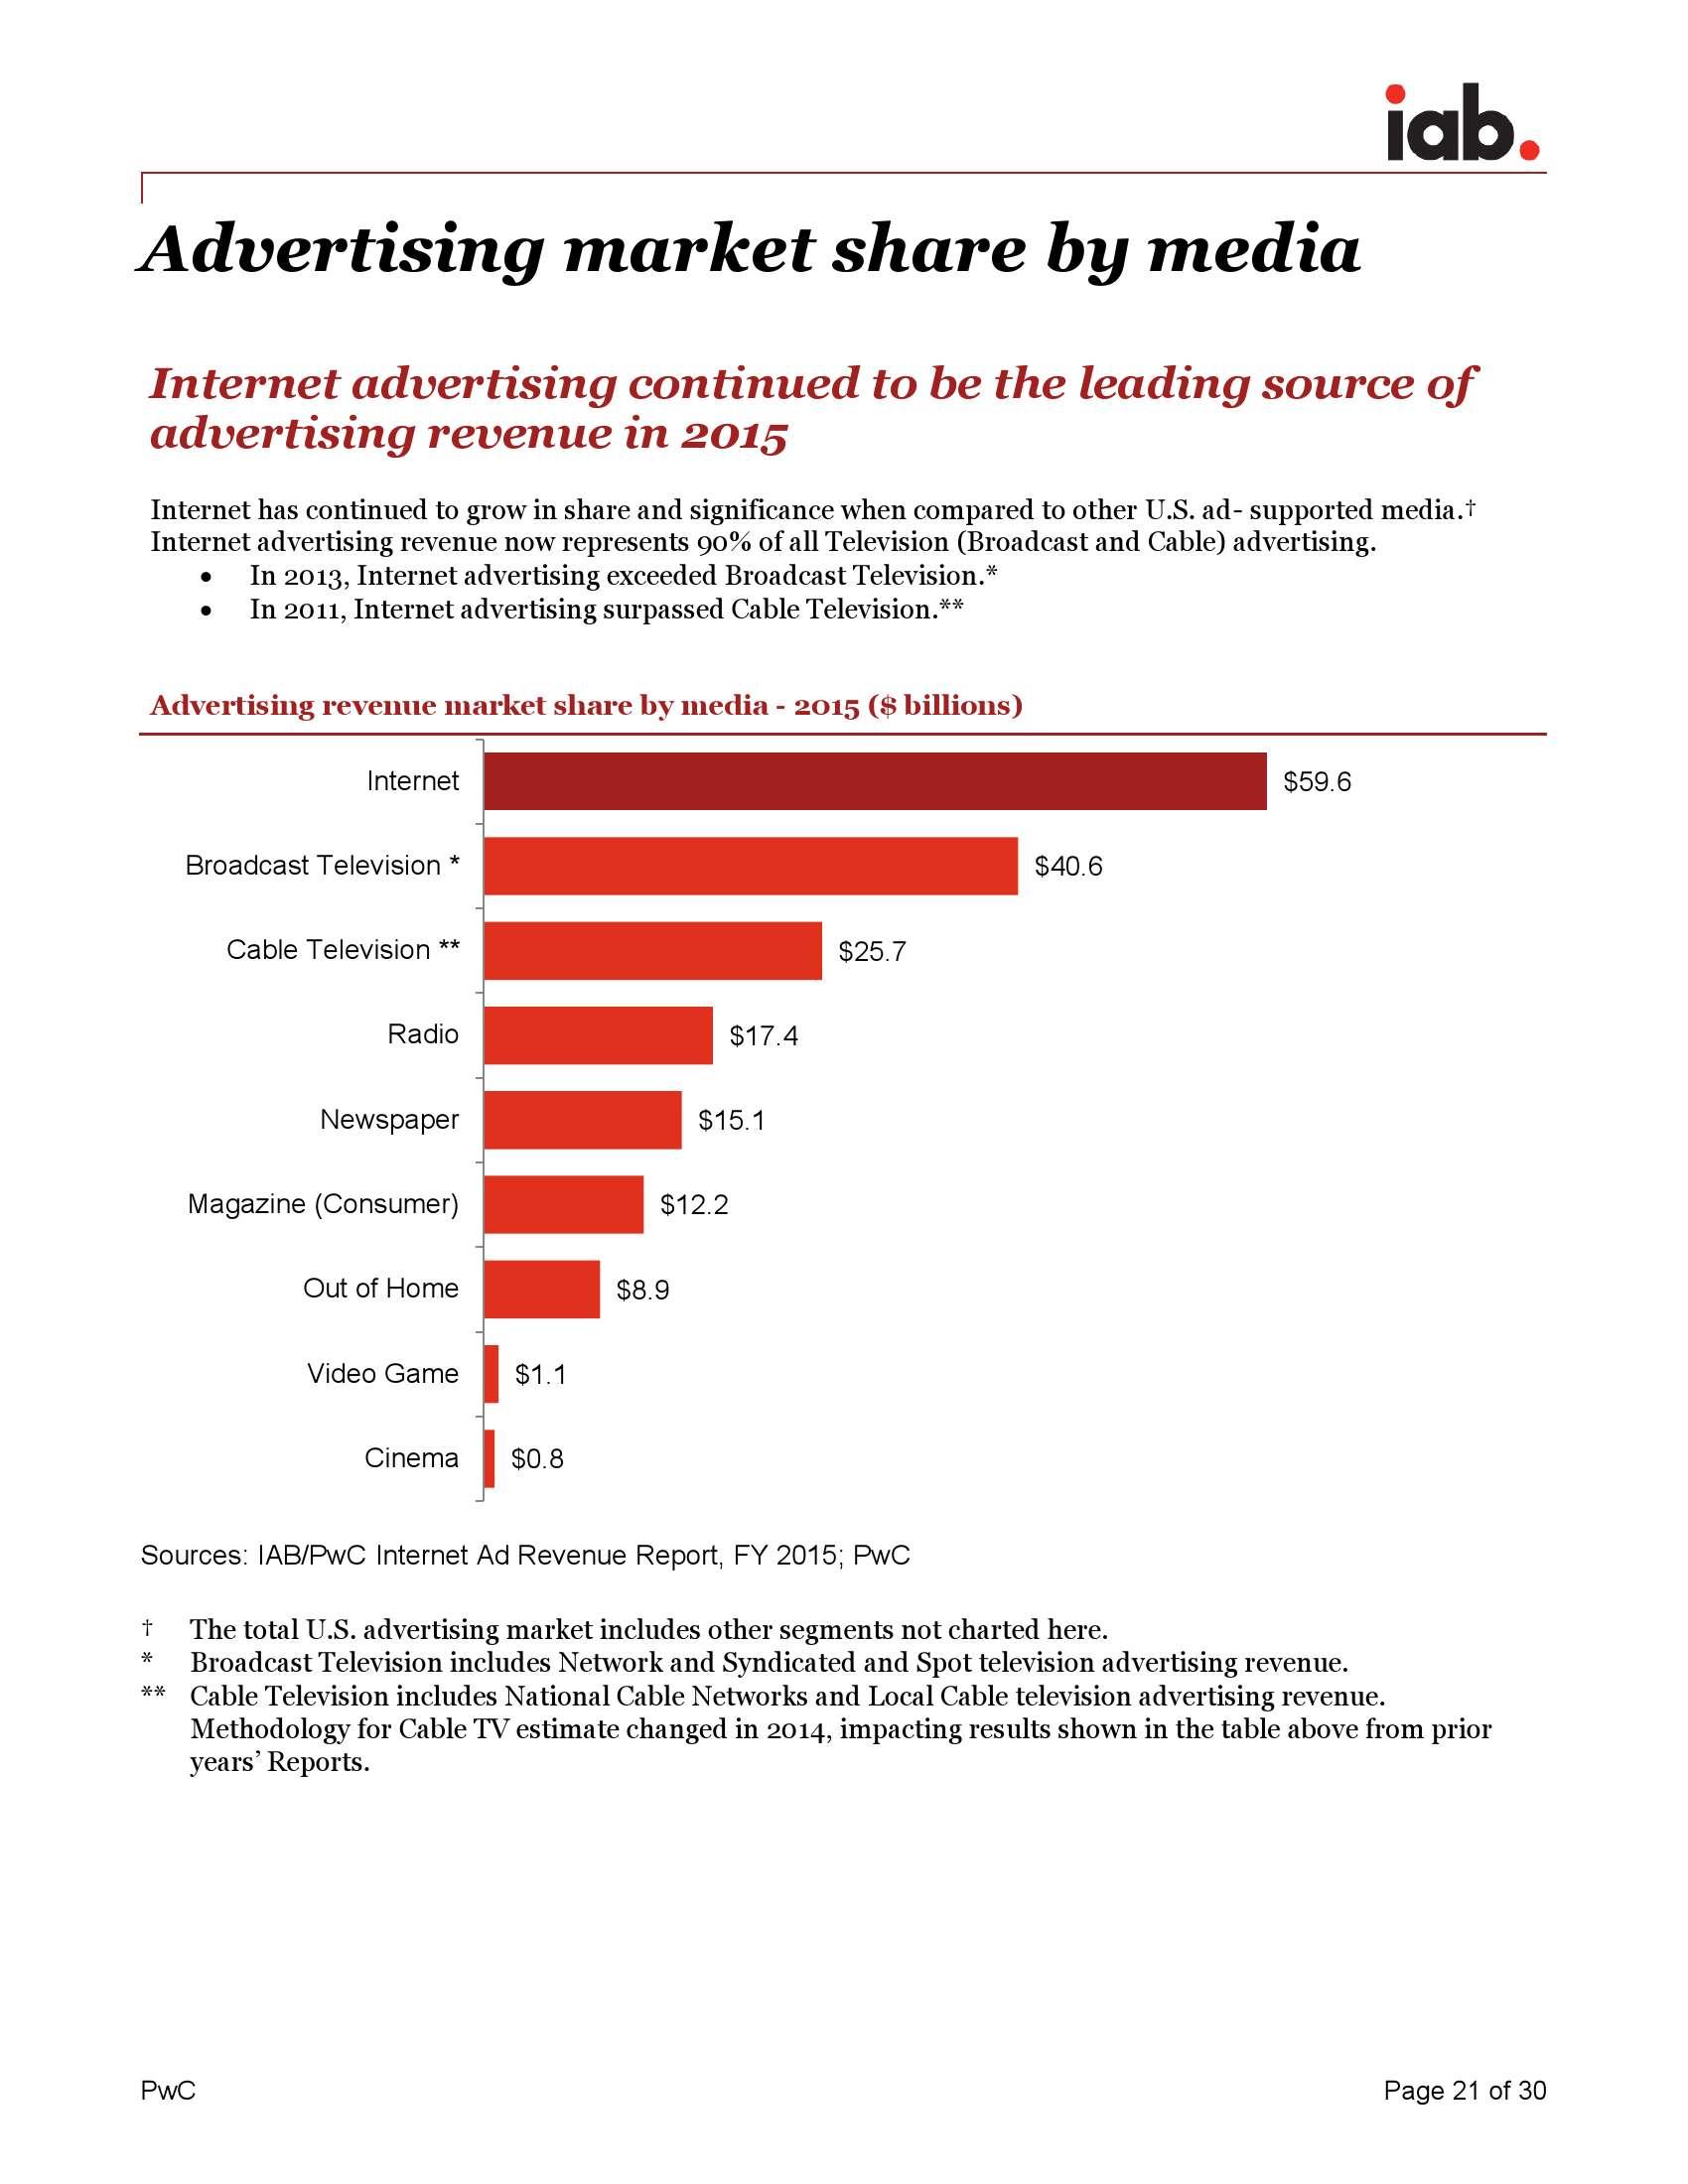 《IAB 互联网广告收入报告》_000021